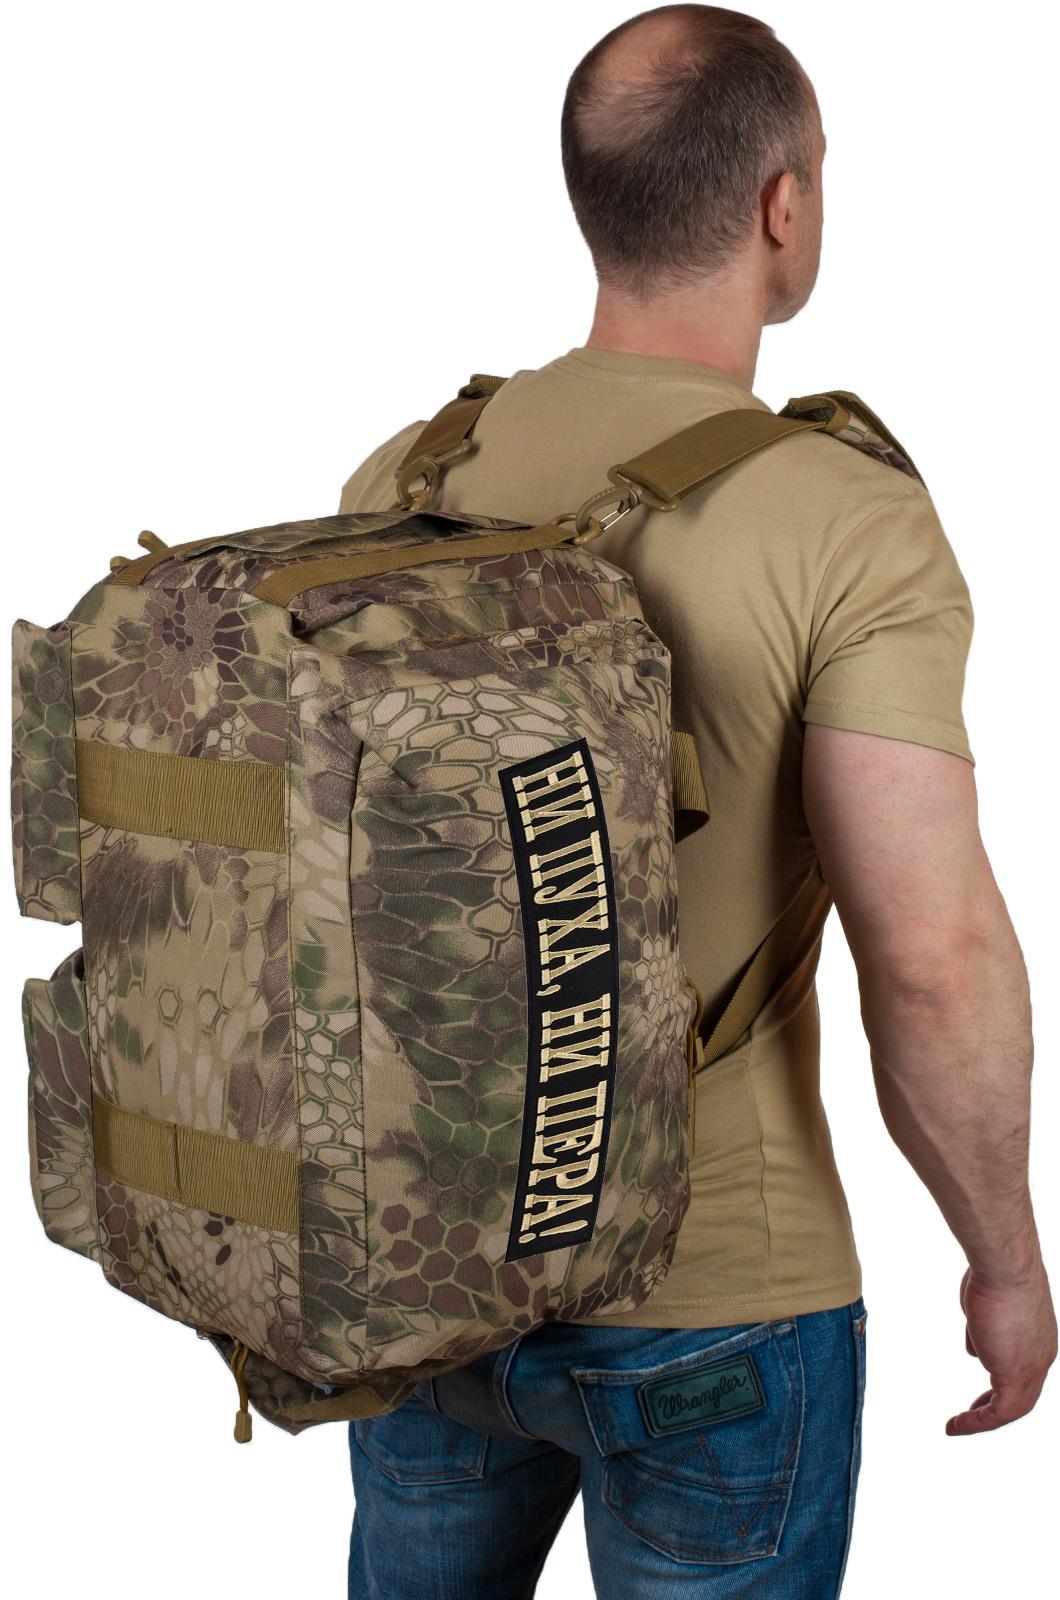 Купить заплечную тактическую сумку для походов Ни пуха, Ни пера по специальной цене